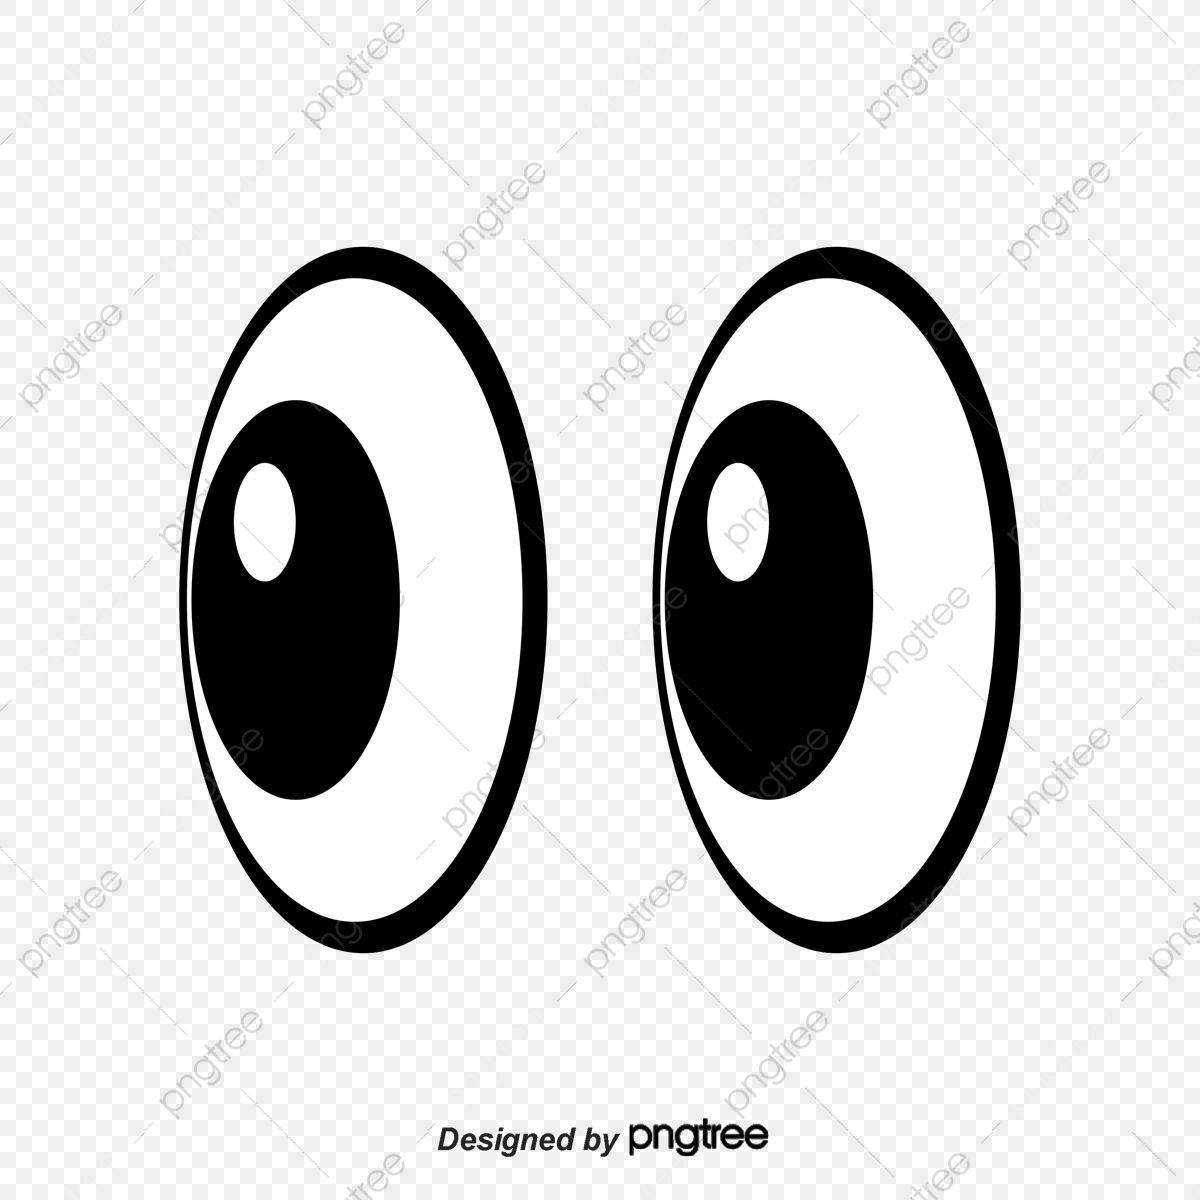 الكرتون العيون رسوم متحركة عيون العيون كرتون Png وملف Psd للتحميل مجانا Yeux De Bande Dessinee Clipart Art Drole